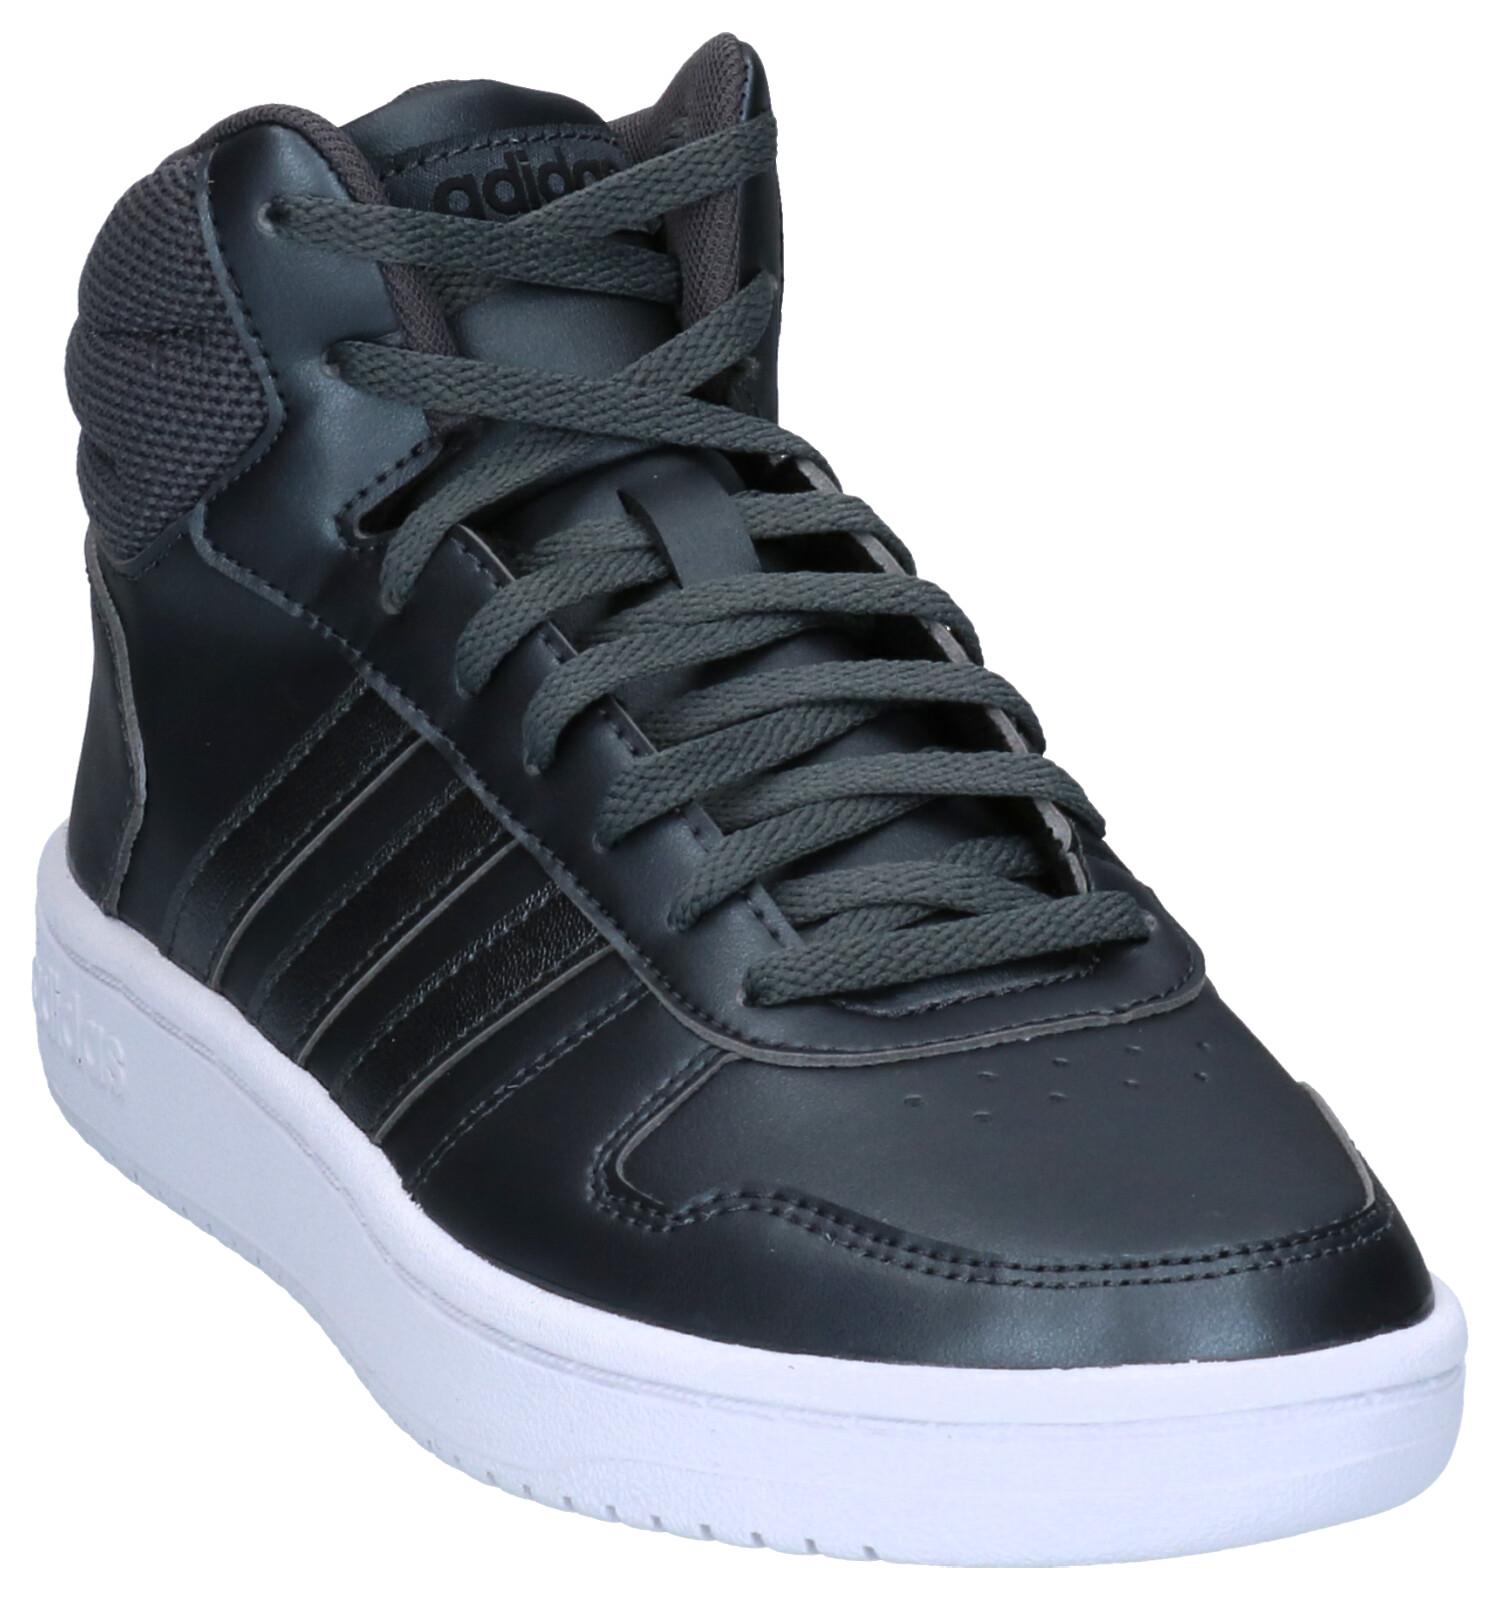 Sneakers 0 Adidas Grijze 2 Hoops dCBWrexo